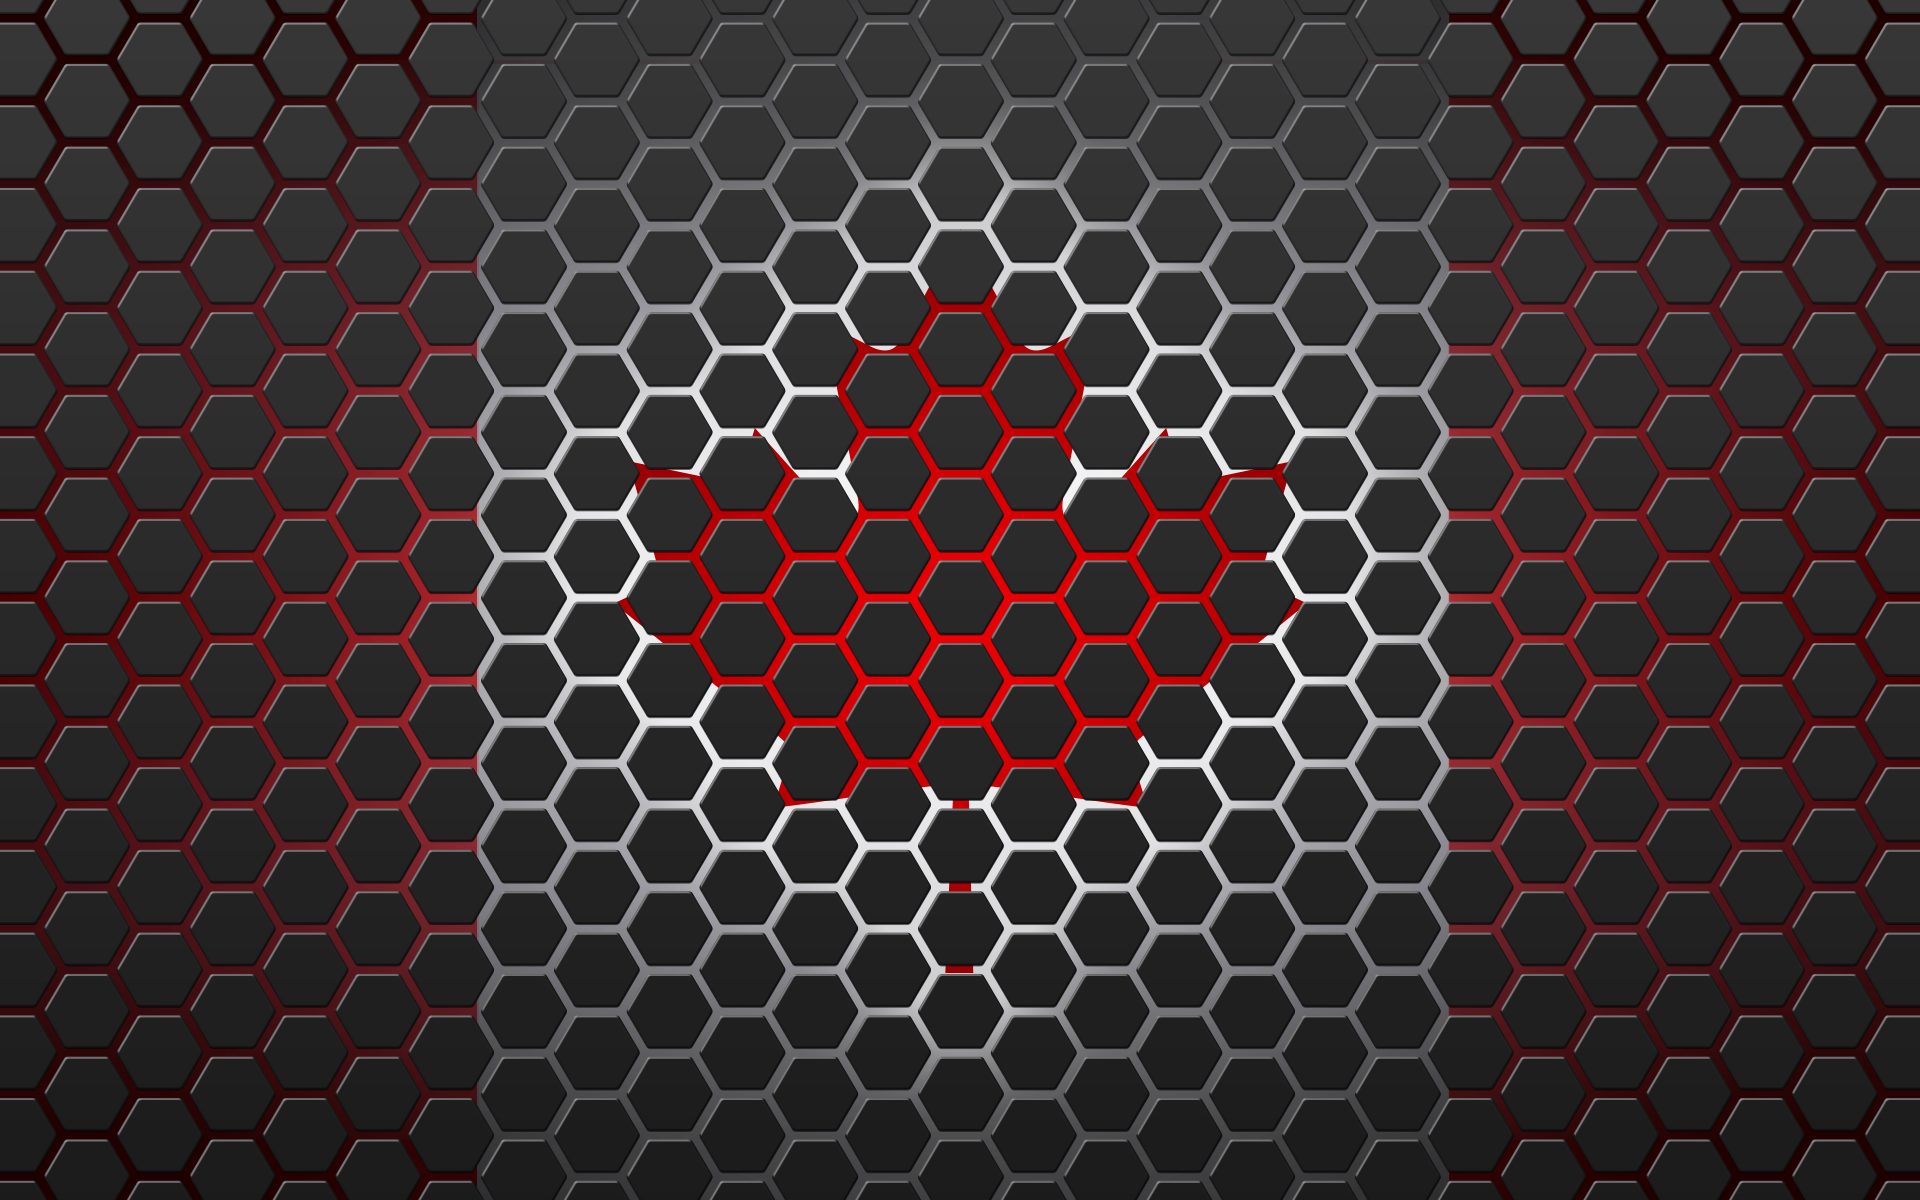 Canada flag hex hexagon wallpaper hd wallpaper - Canada flag wallpaper hd for iphone ...